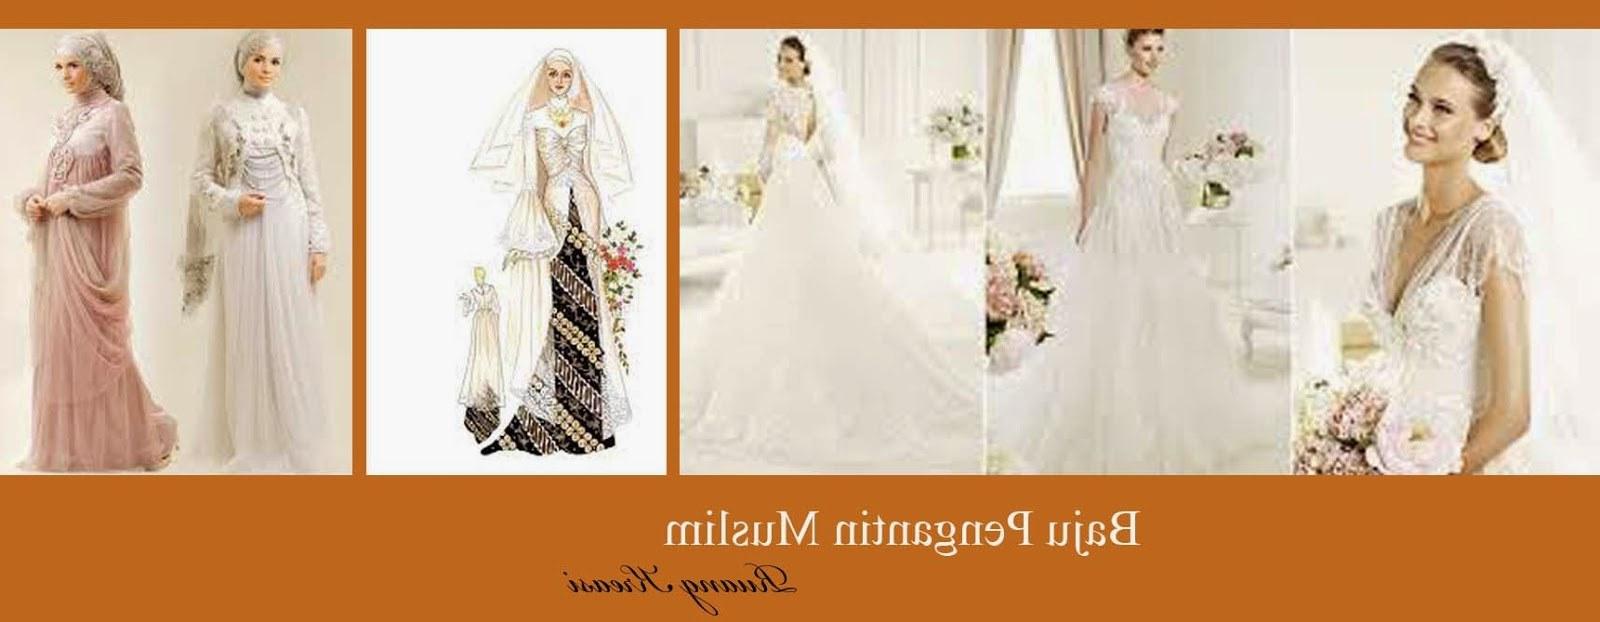 Model Gaun Pengantin Muslim Modifikasi Dwdk Contoh Desain Baju Pengantin Muslimah Desain Pernikahan